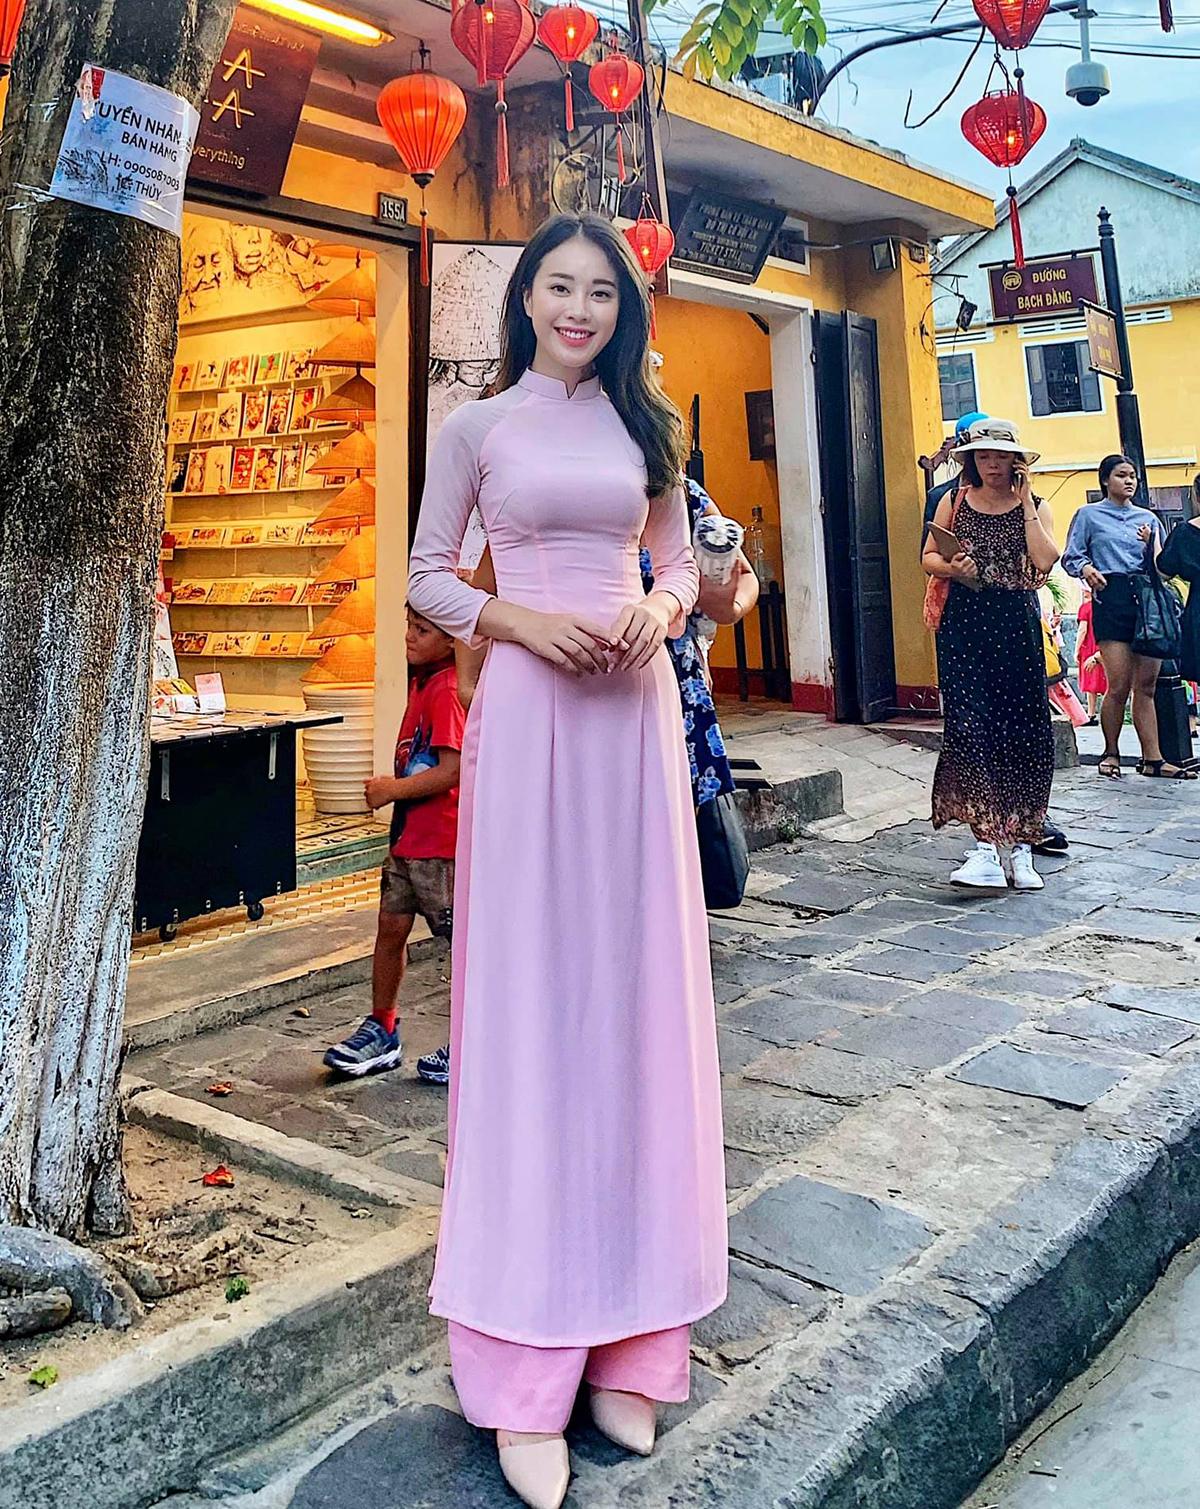 Áo dài cũng là một kiểu trang phục tôn vóc dáng, giúp Mai Phương khoe nhan sắc mong manh.